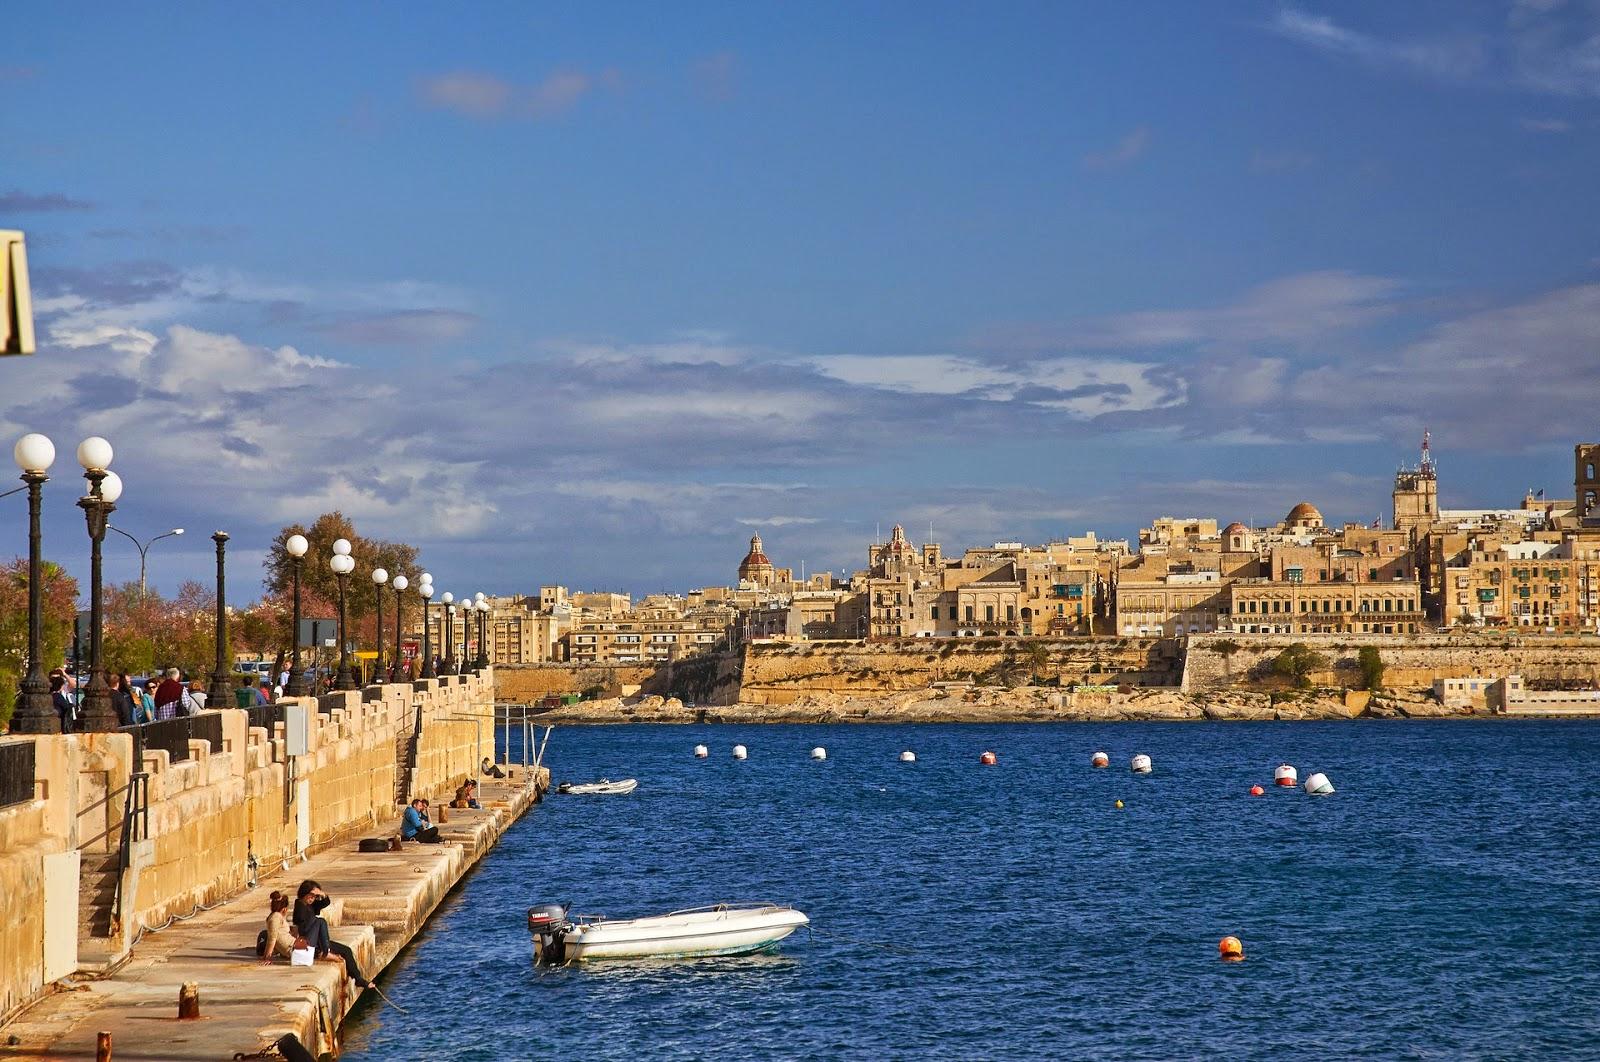 ciekawy widok na stolicę Malty